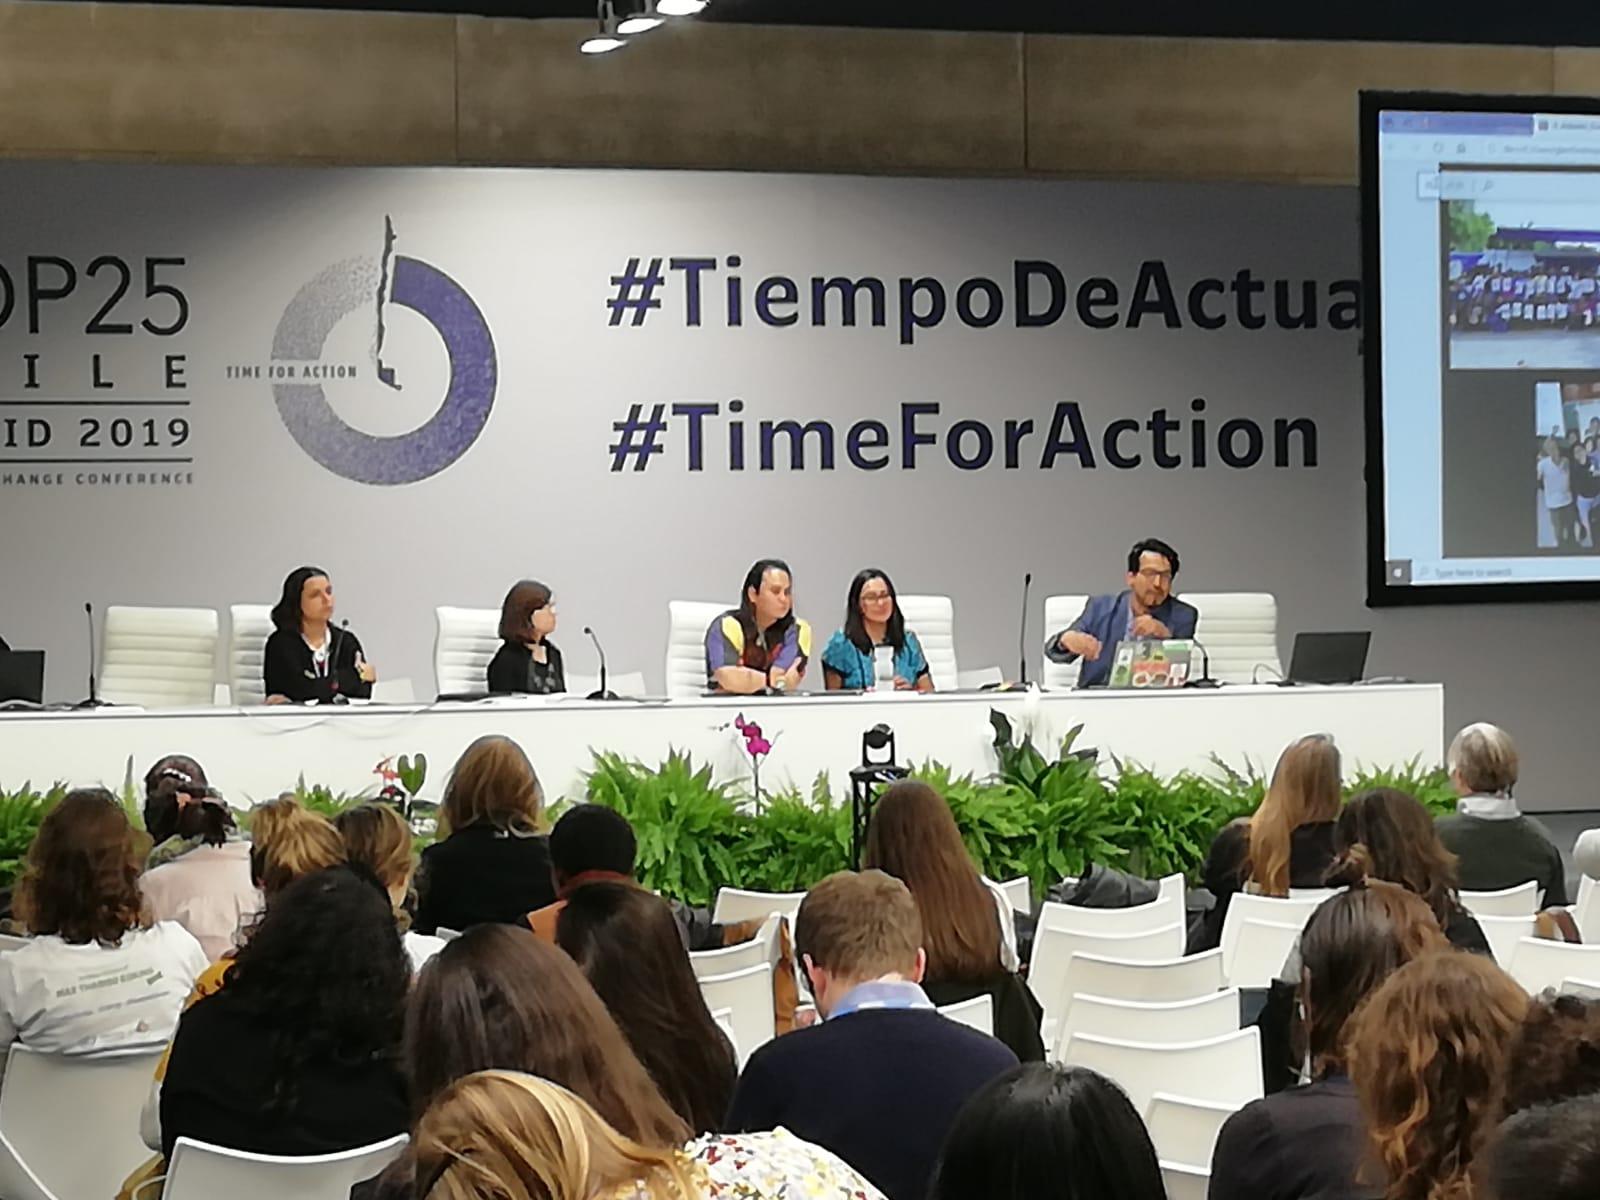 Se realizará Foro público sobre los resultados de la COP25 y Emergencia climática